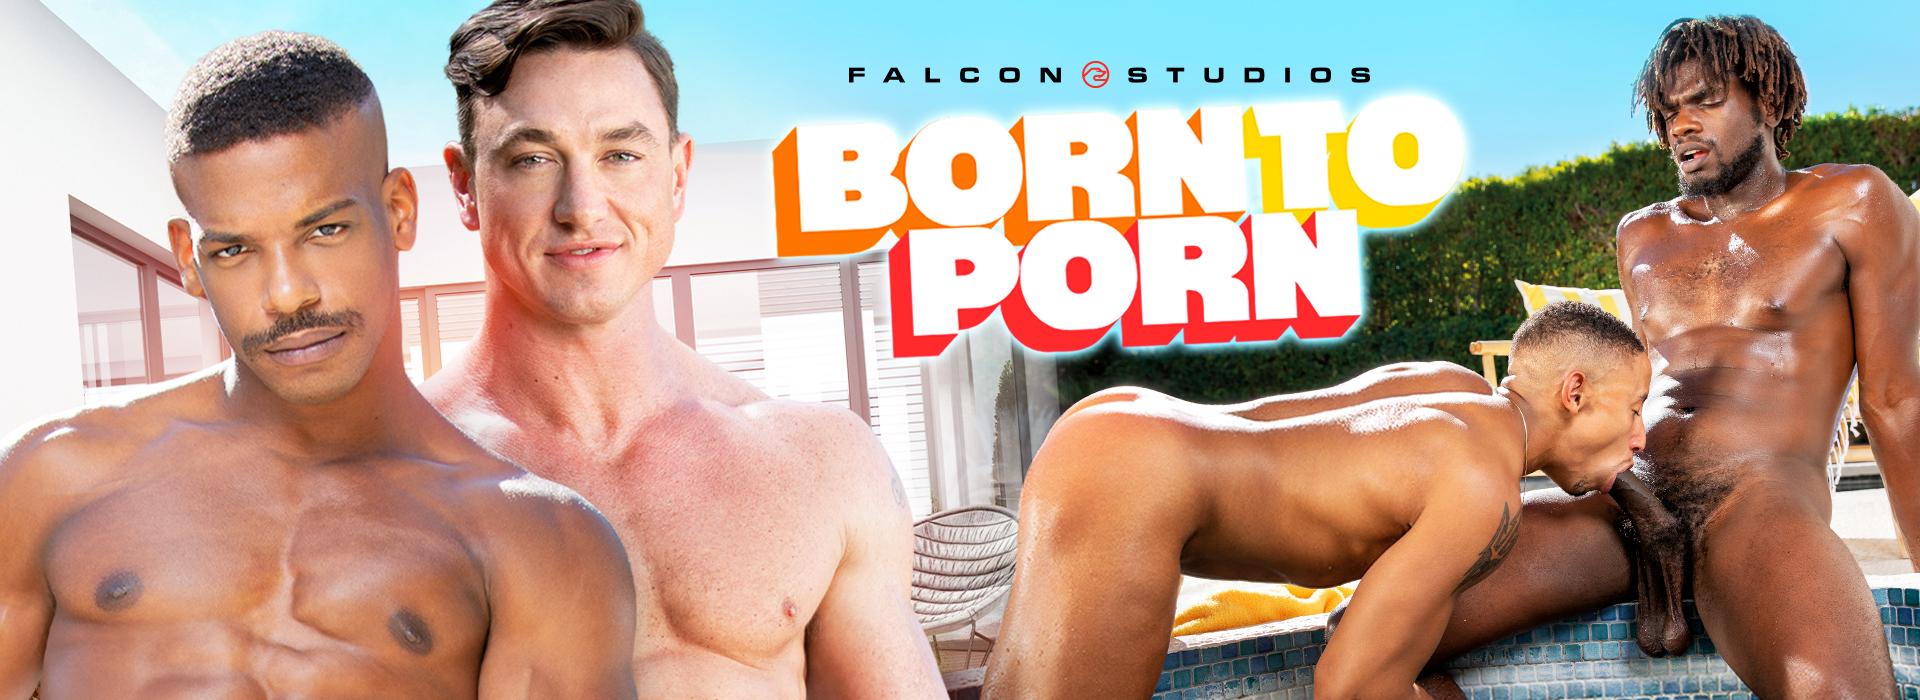 Falcon Studios Born to Porn